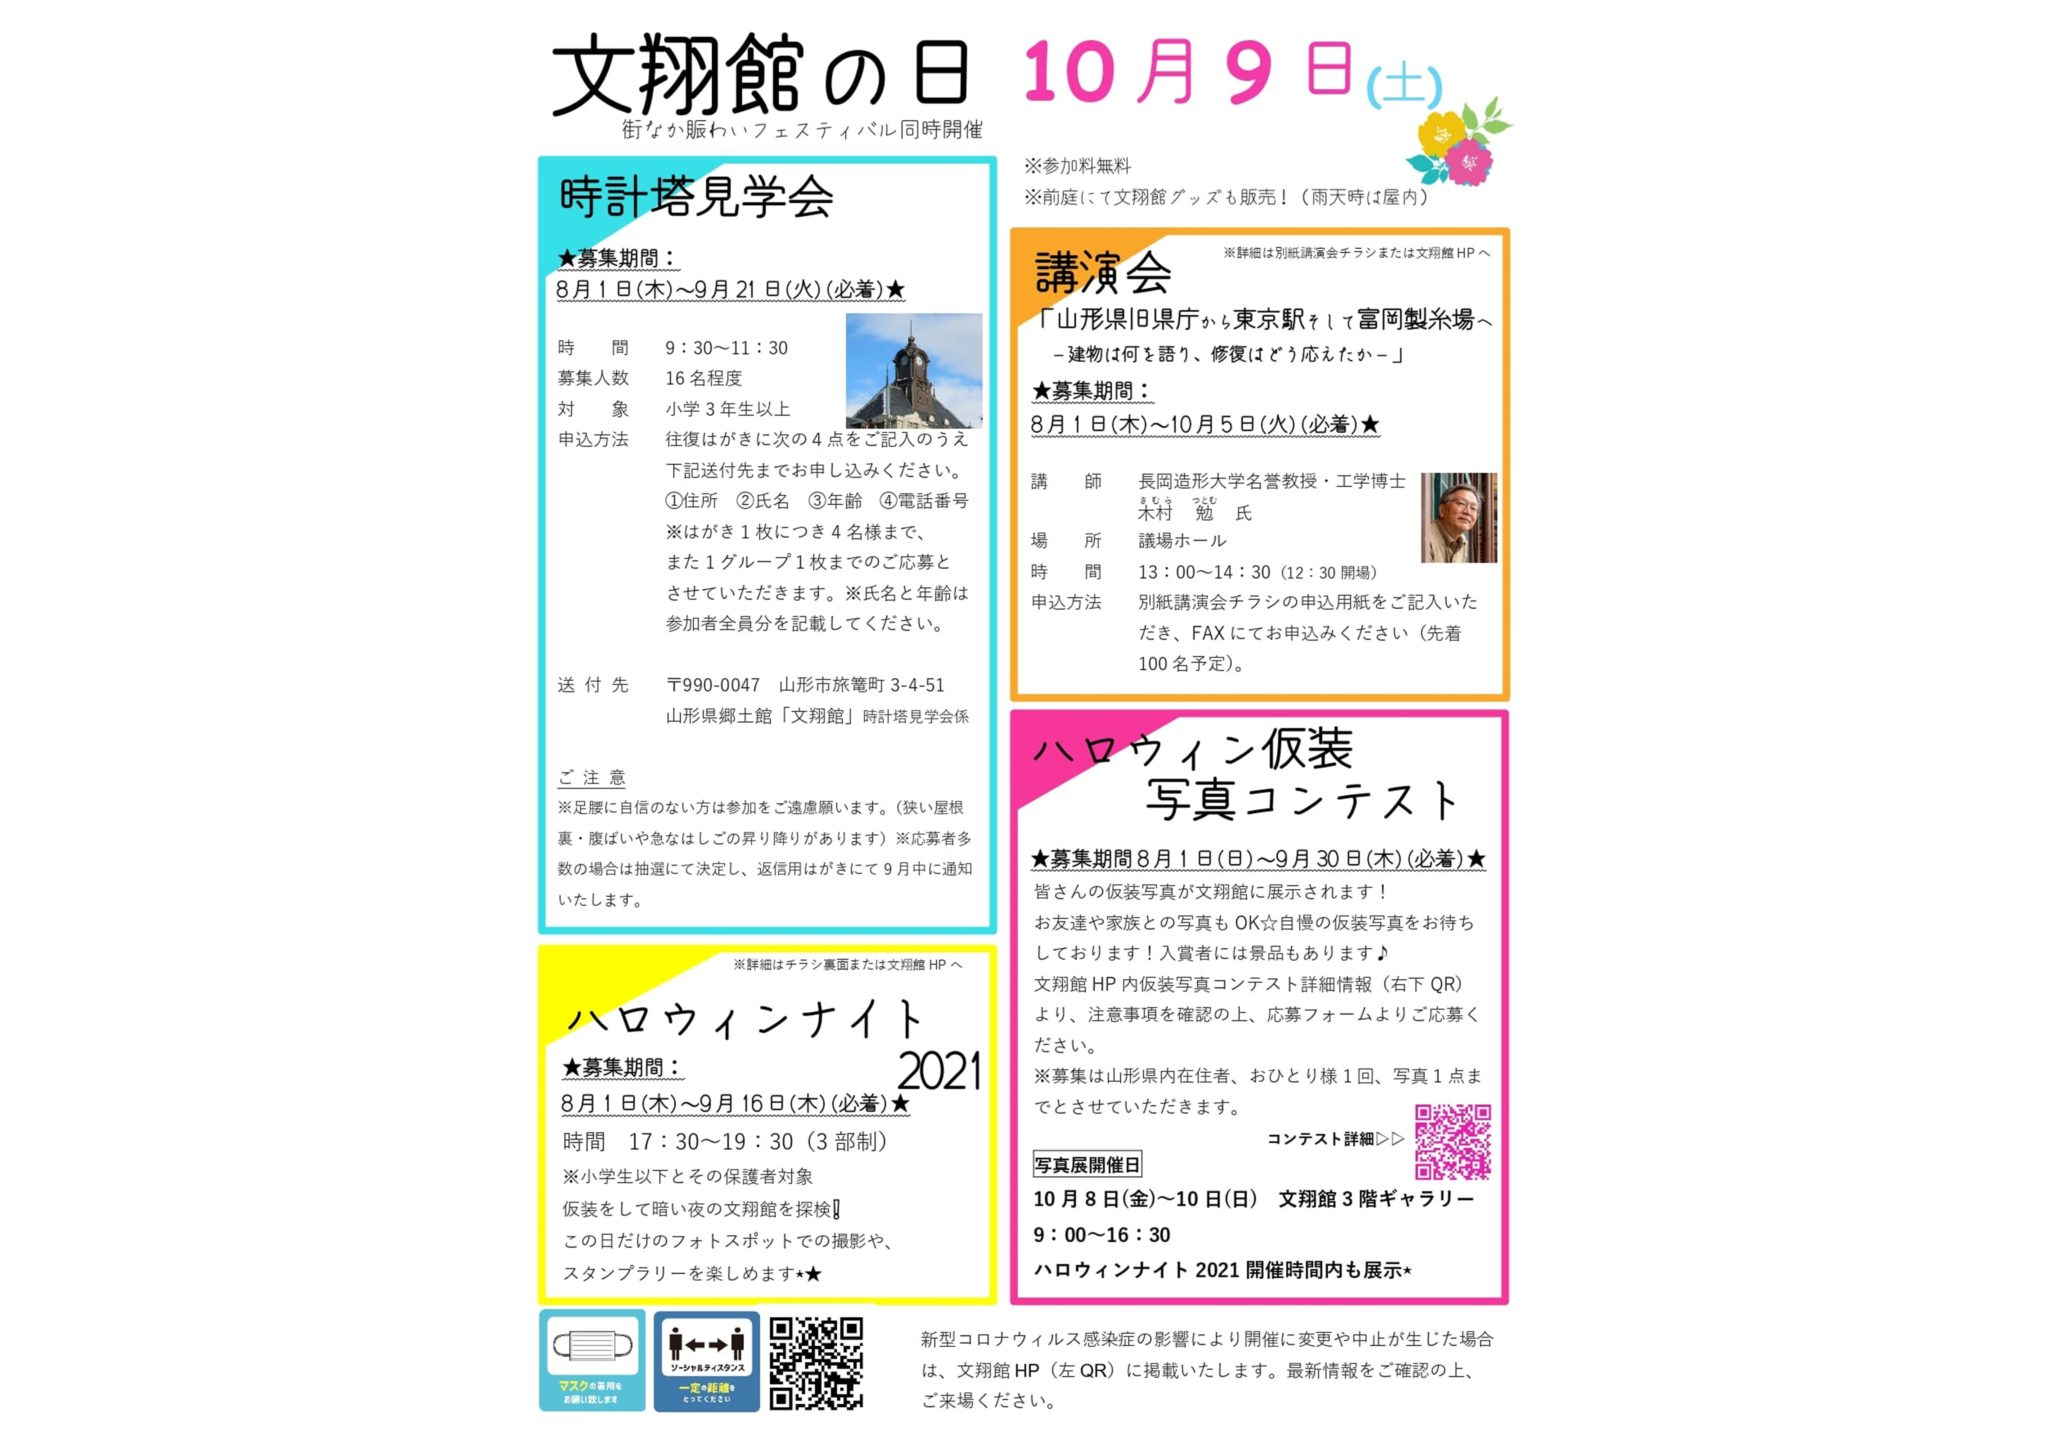 【2021年】文翔館の日(イベント参加募集情報)